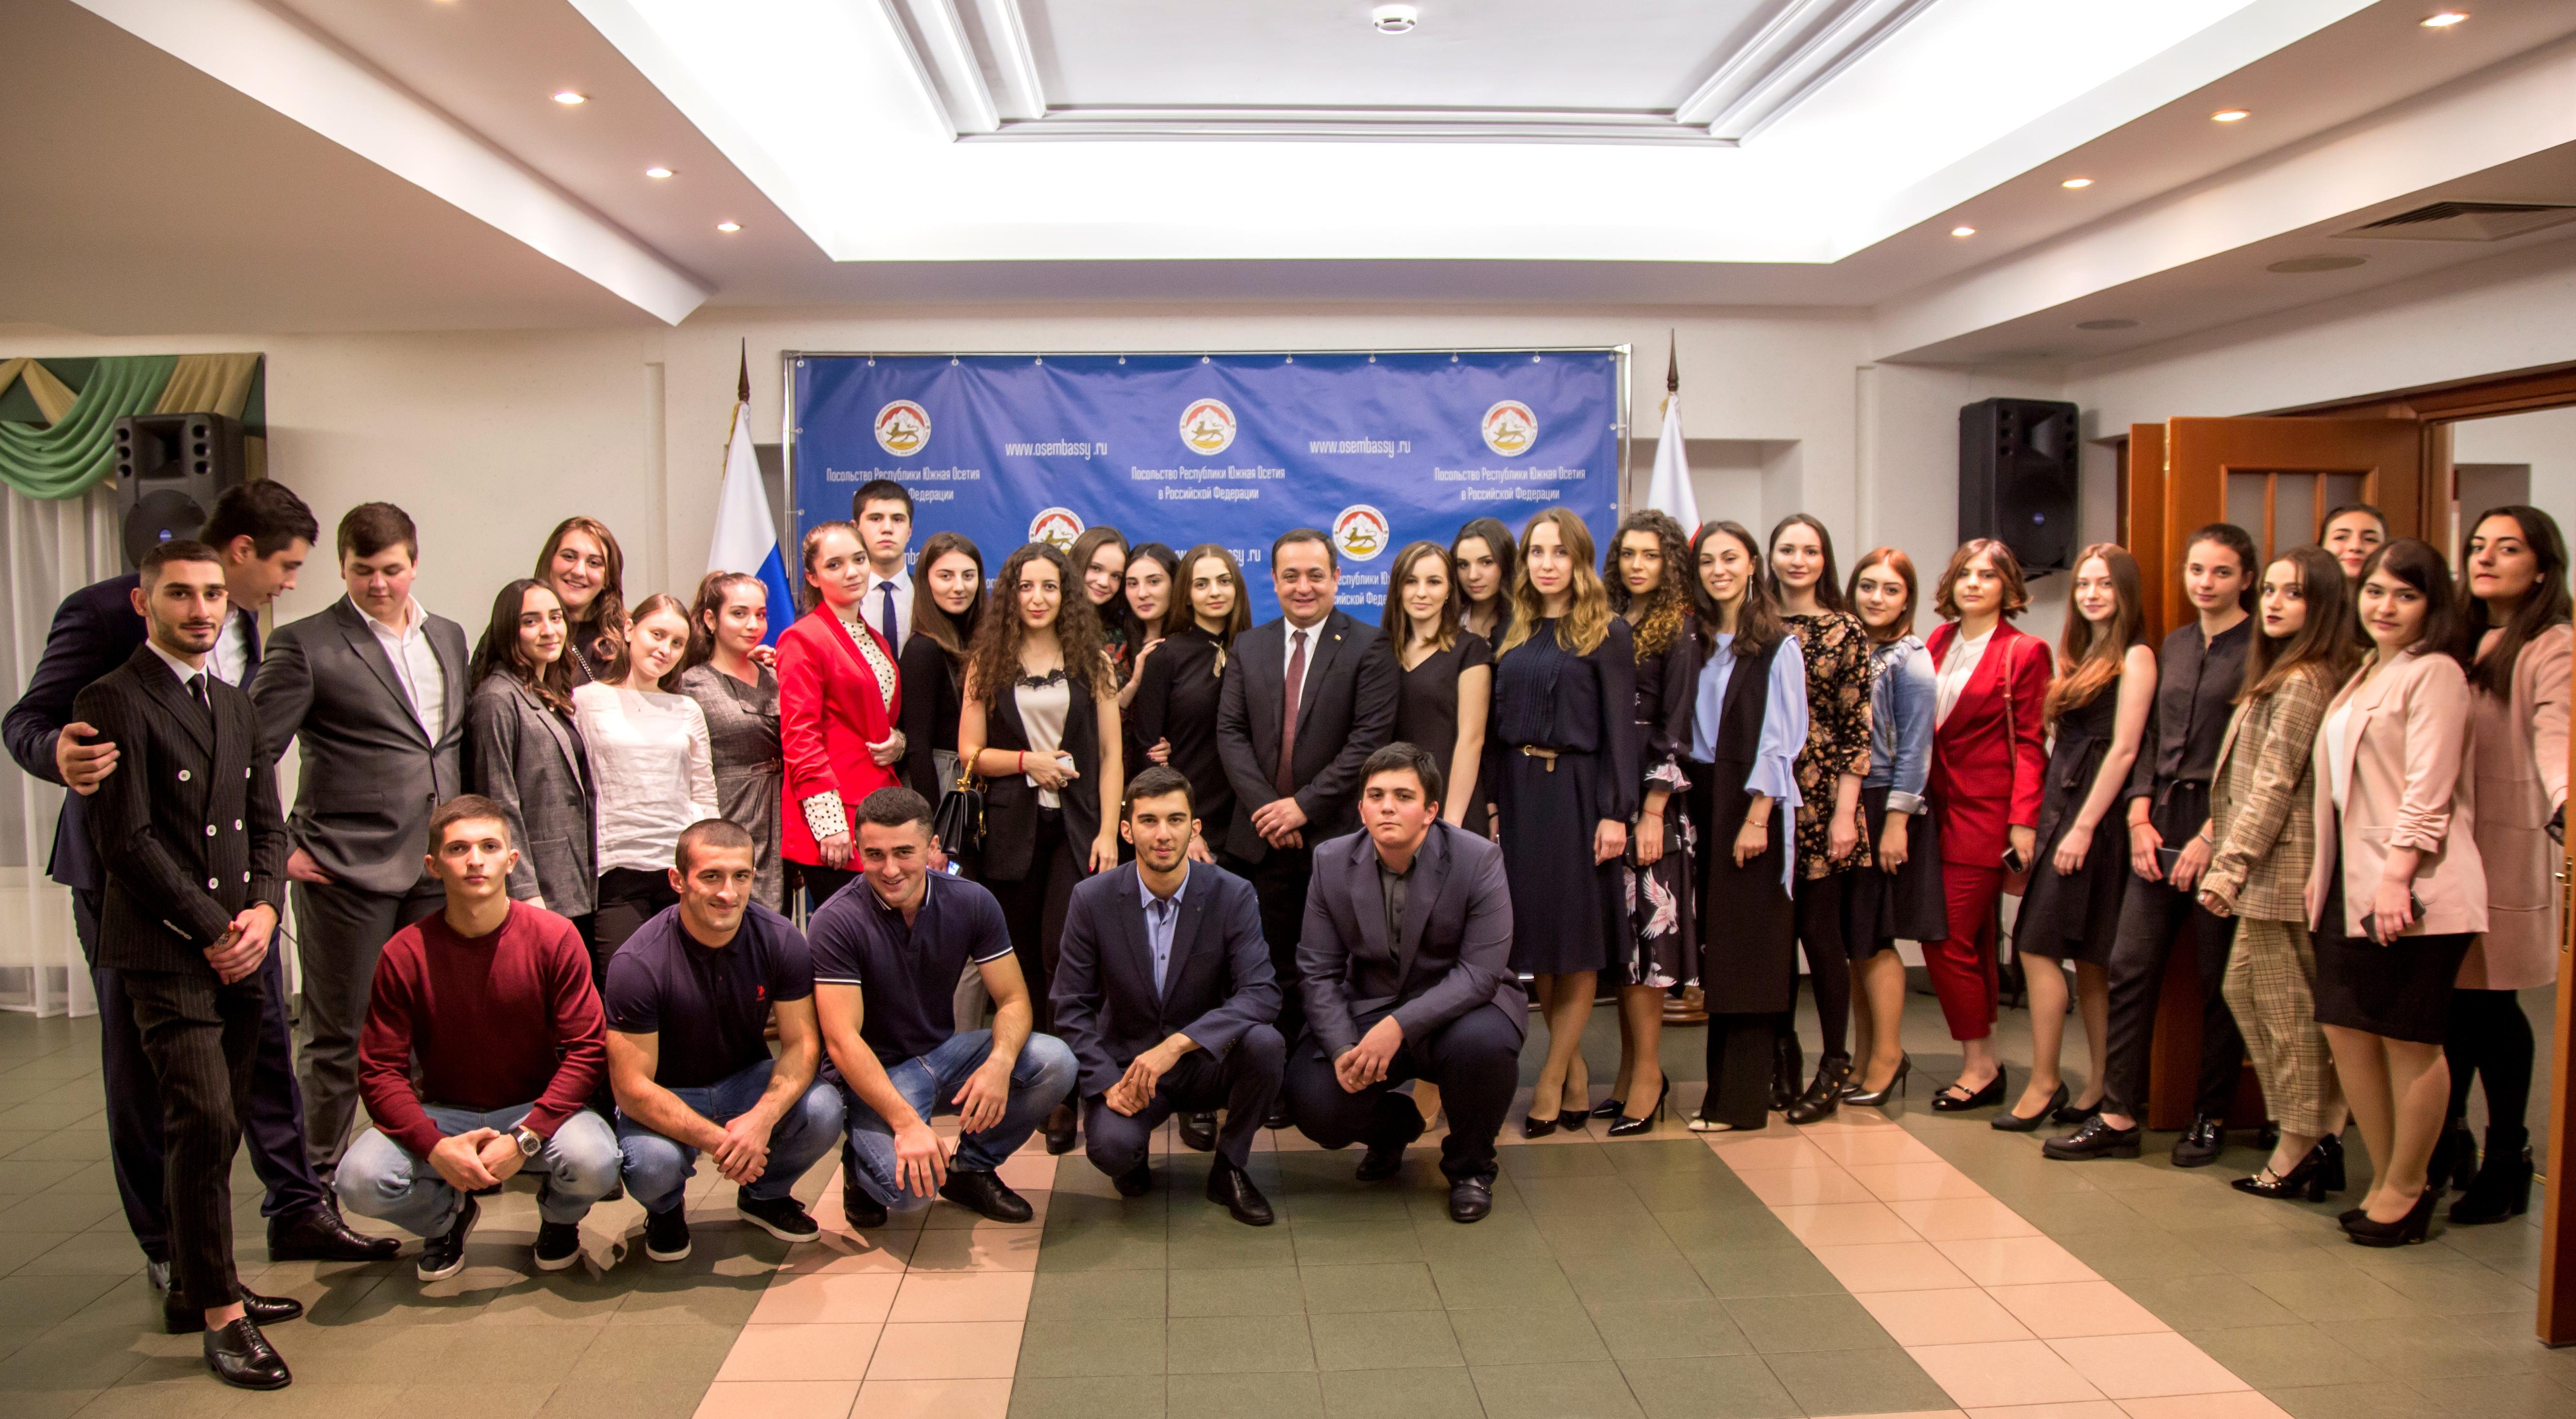 В Москве состоялся прием по случаю 28-й годовщины со Дня провозглашения Республики